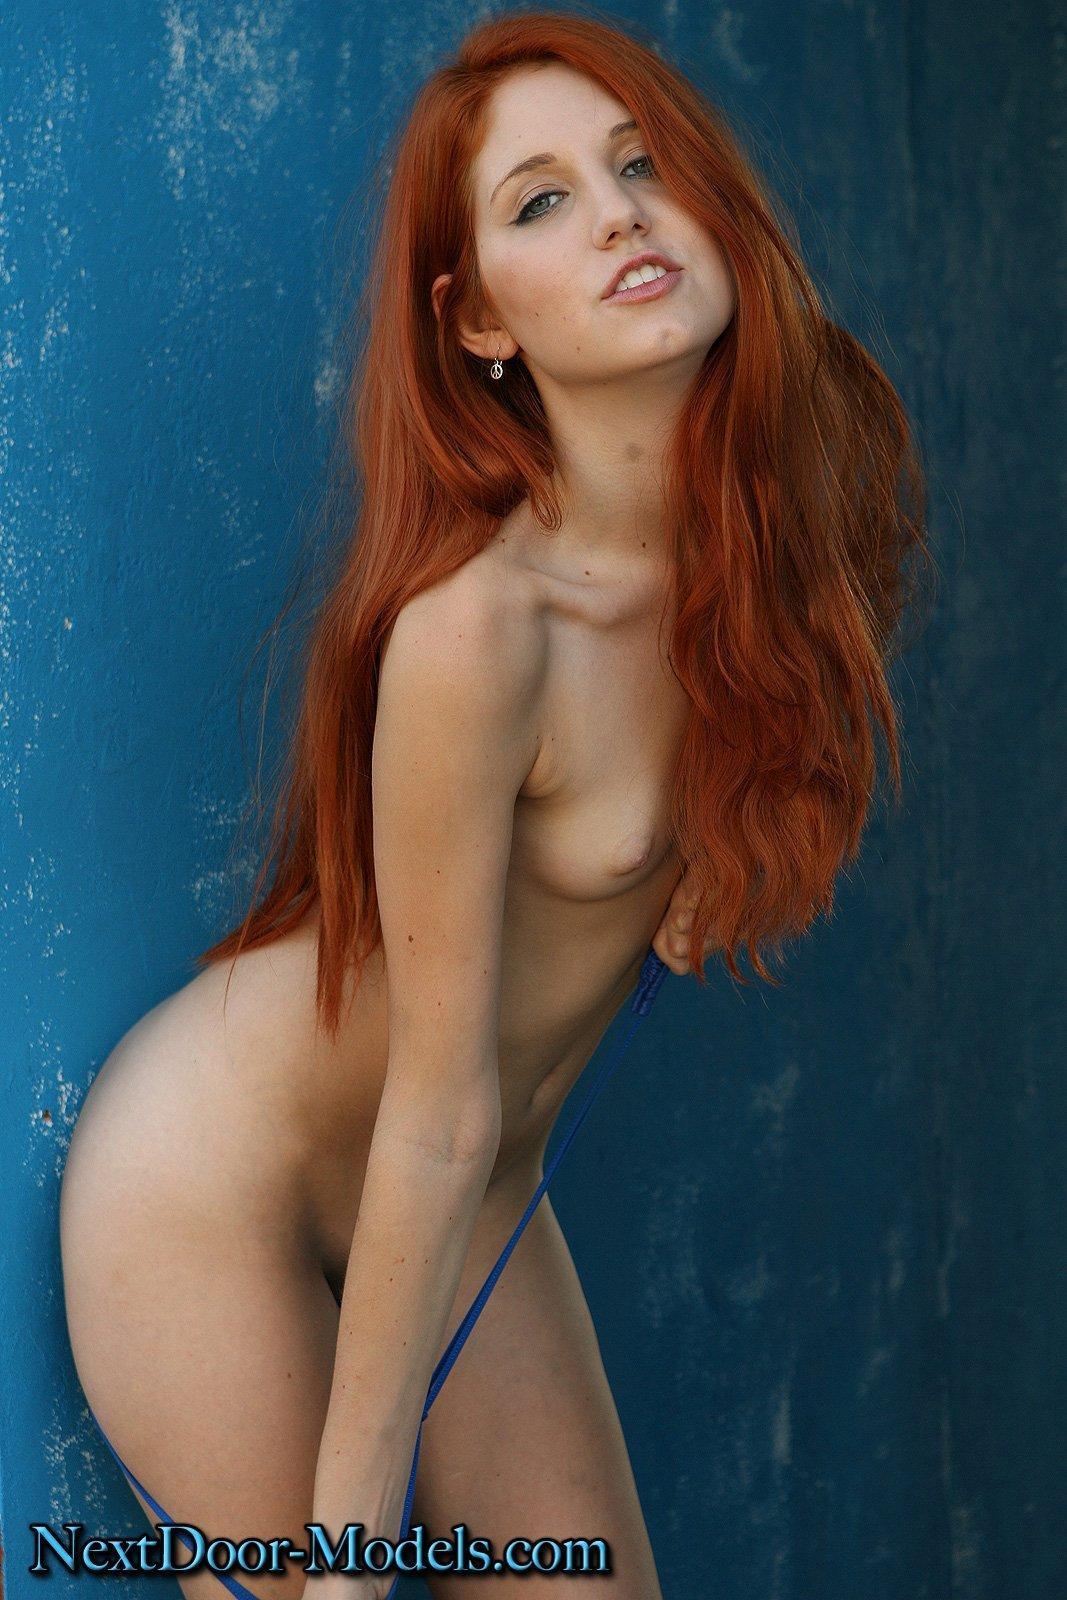 Rakhi sawant nude images xxx